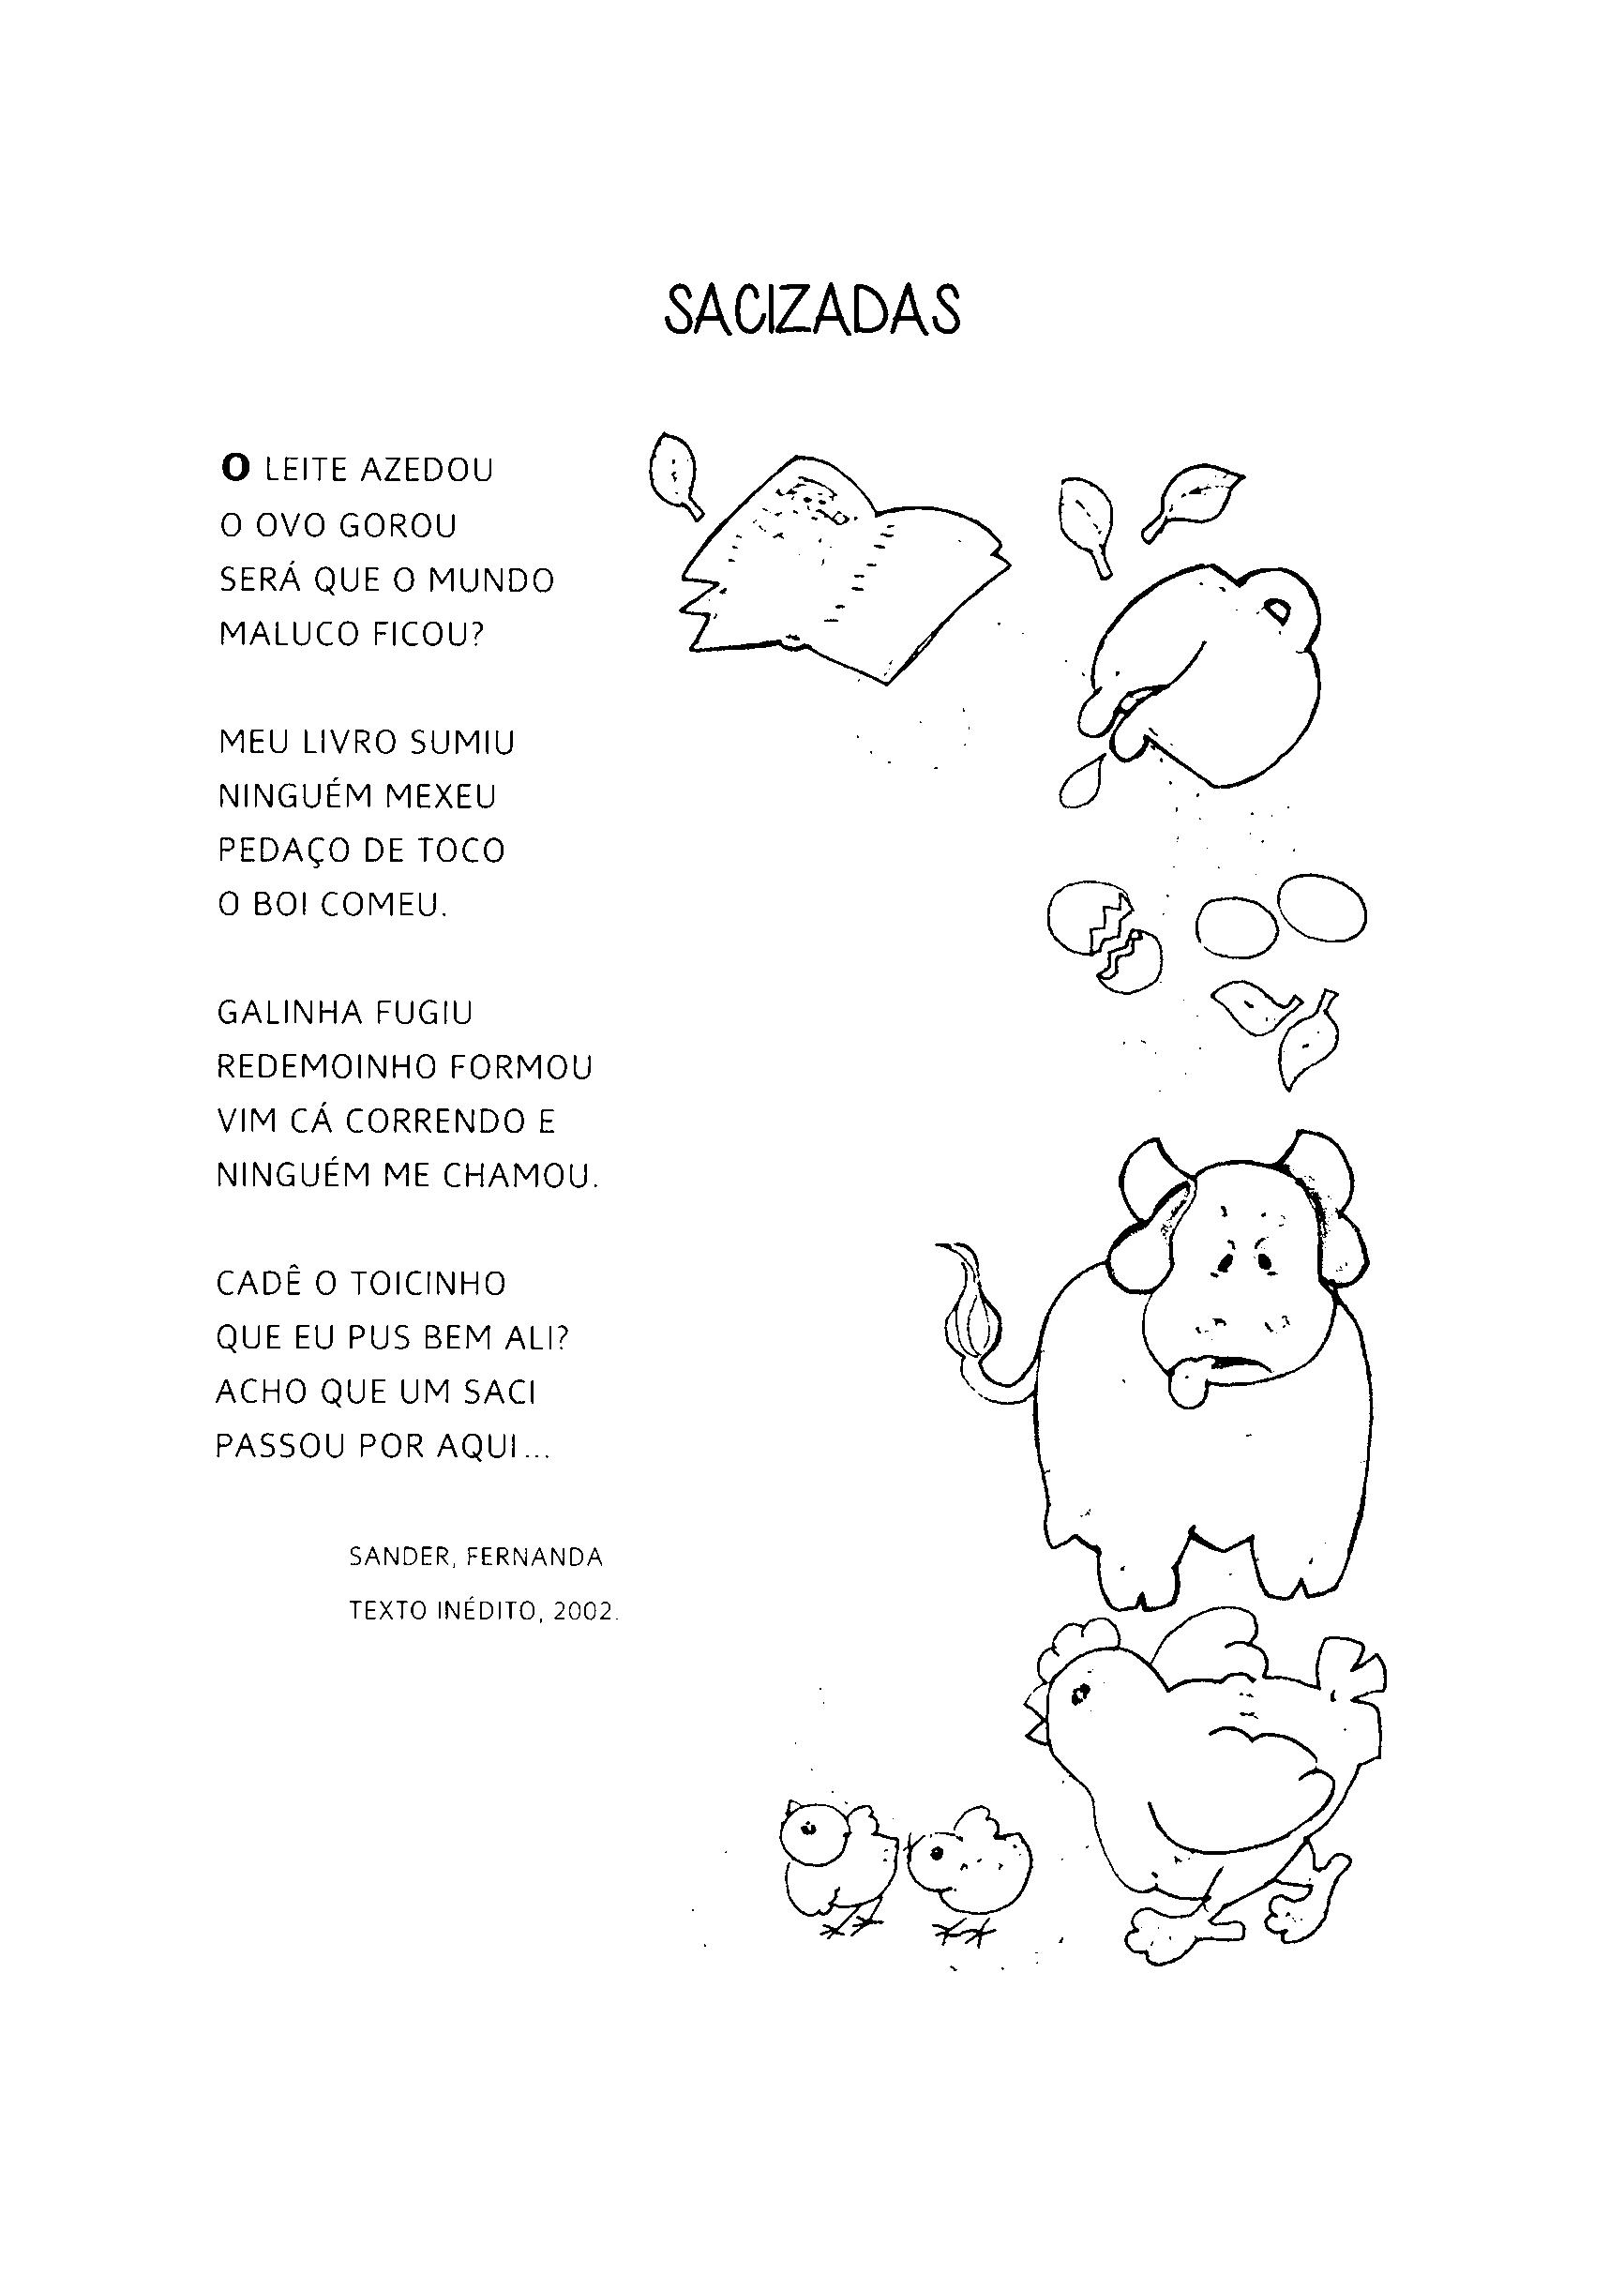 0233-folclore-infantil-poema-sacizada